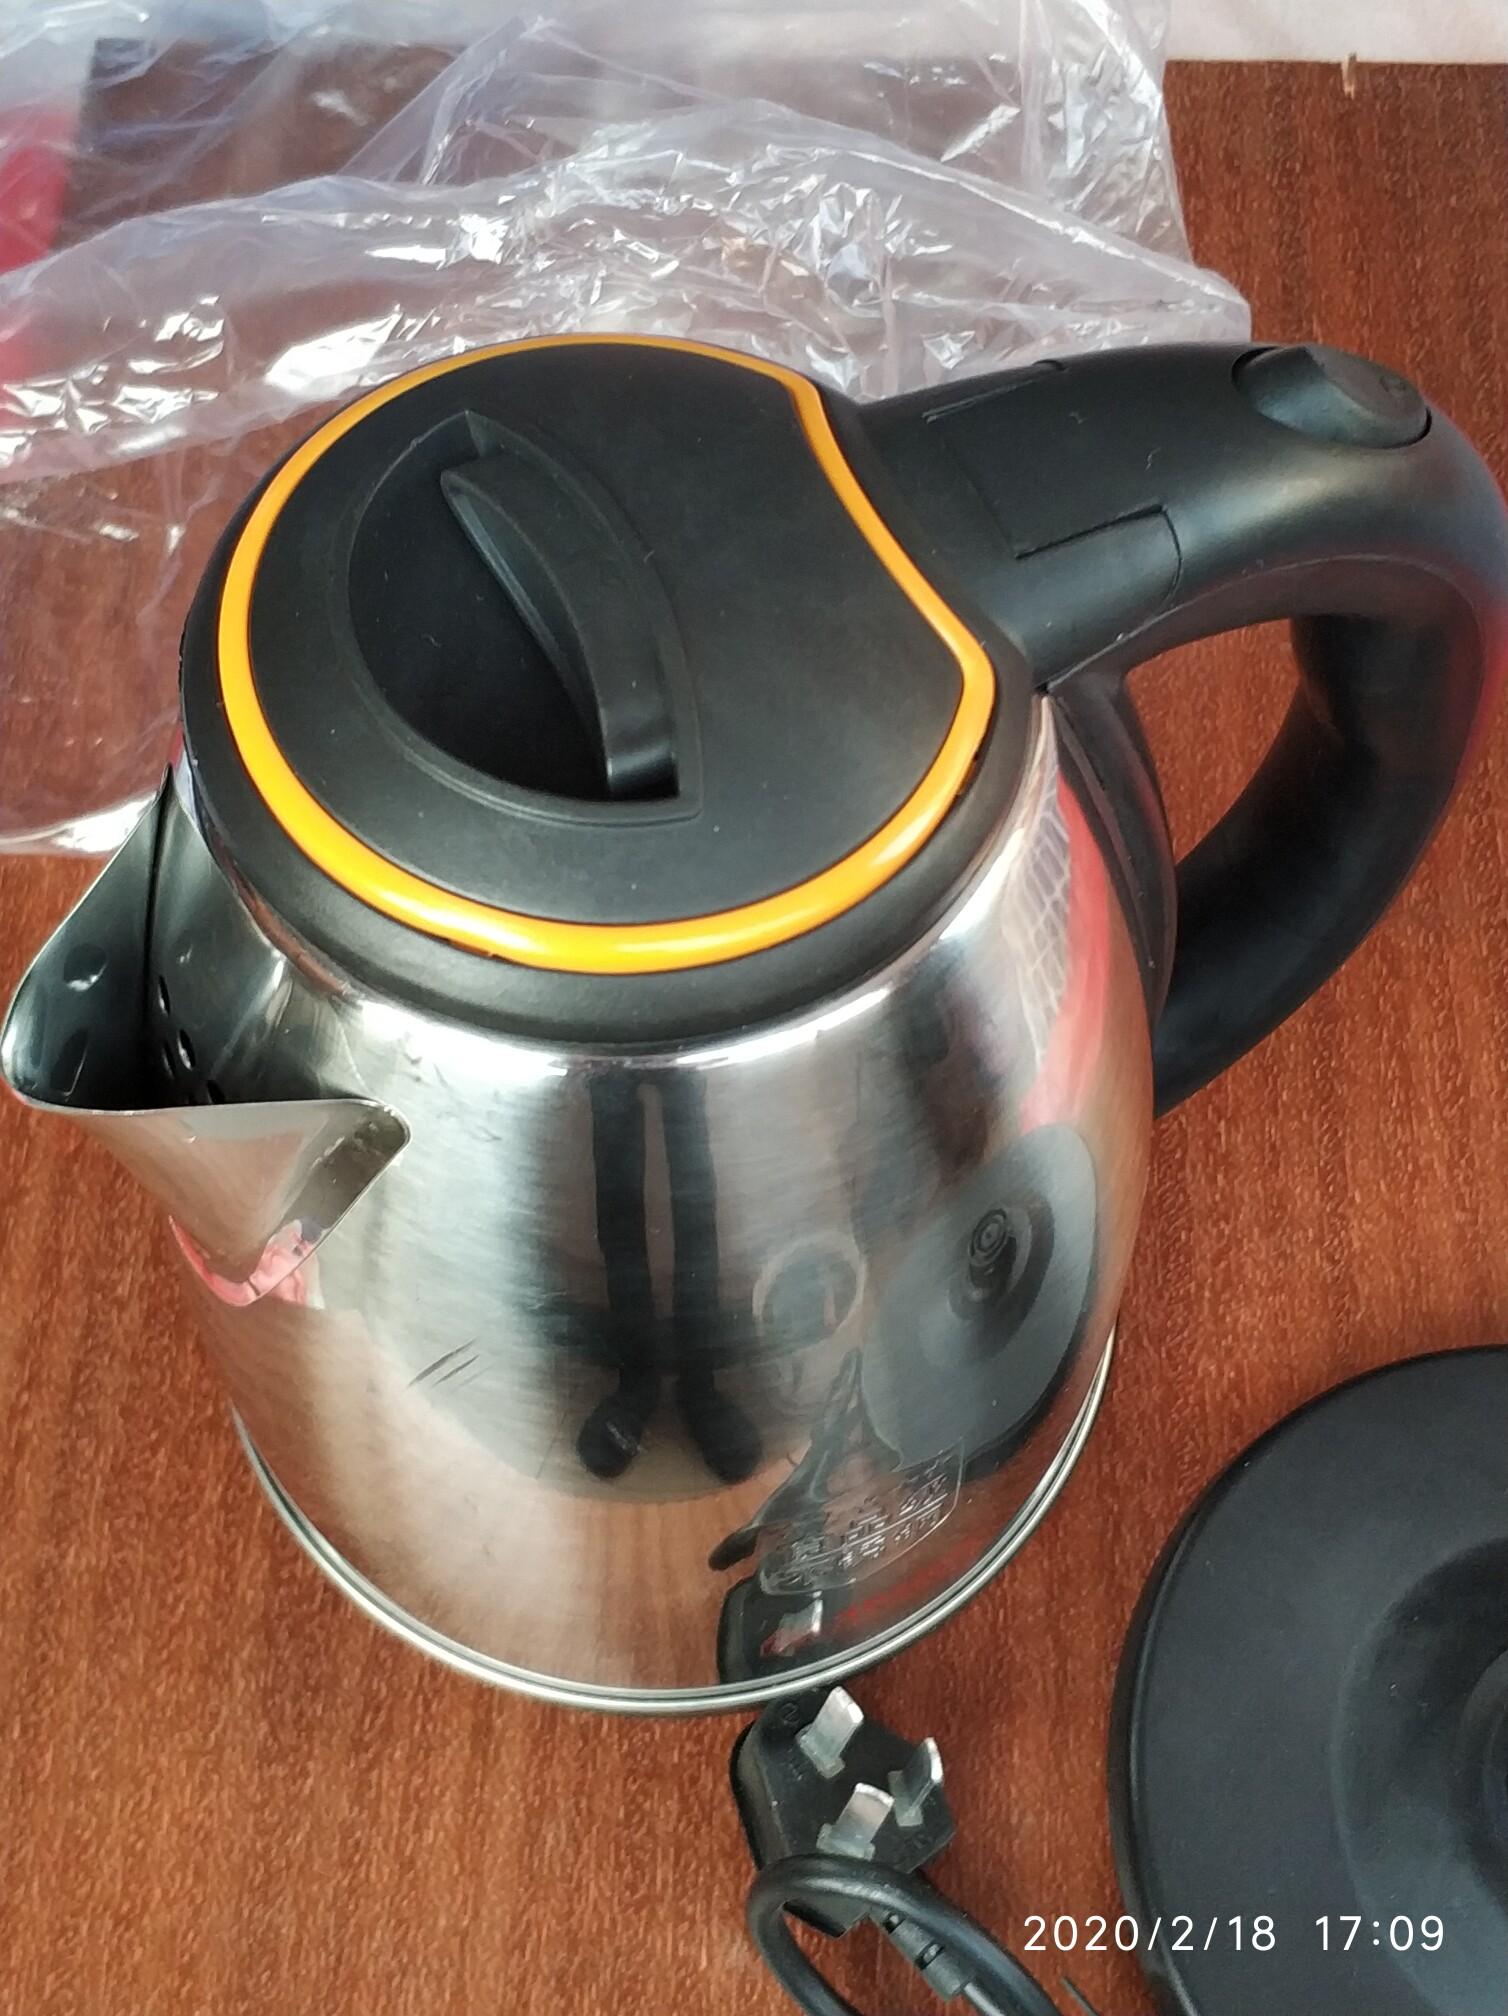 热水壶,材质:食品级不锈钢,功率:1500w,容量:2L,全